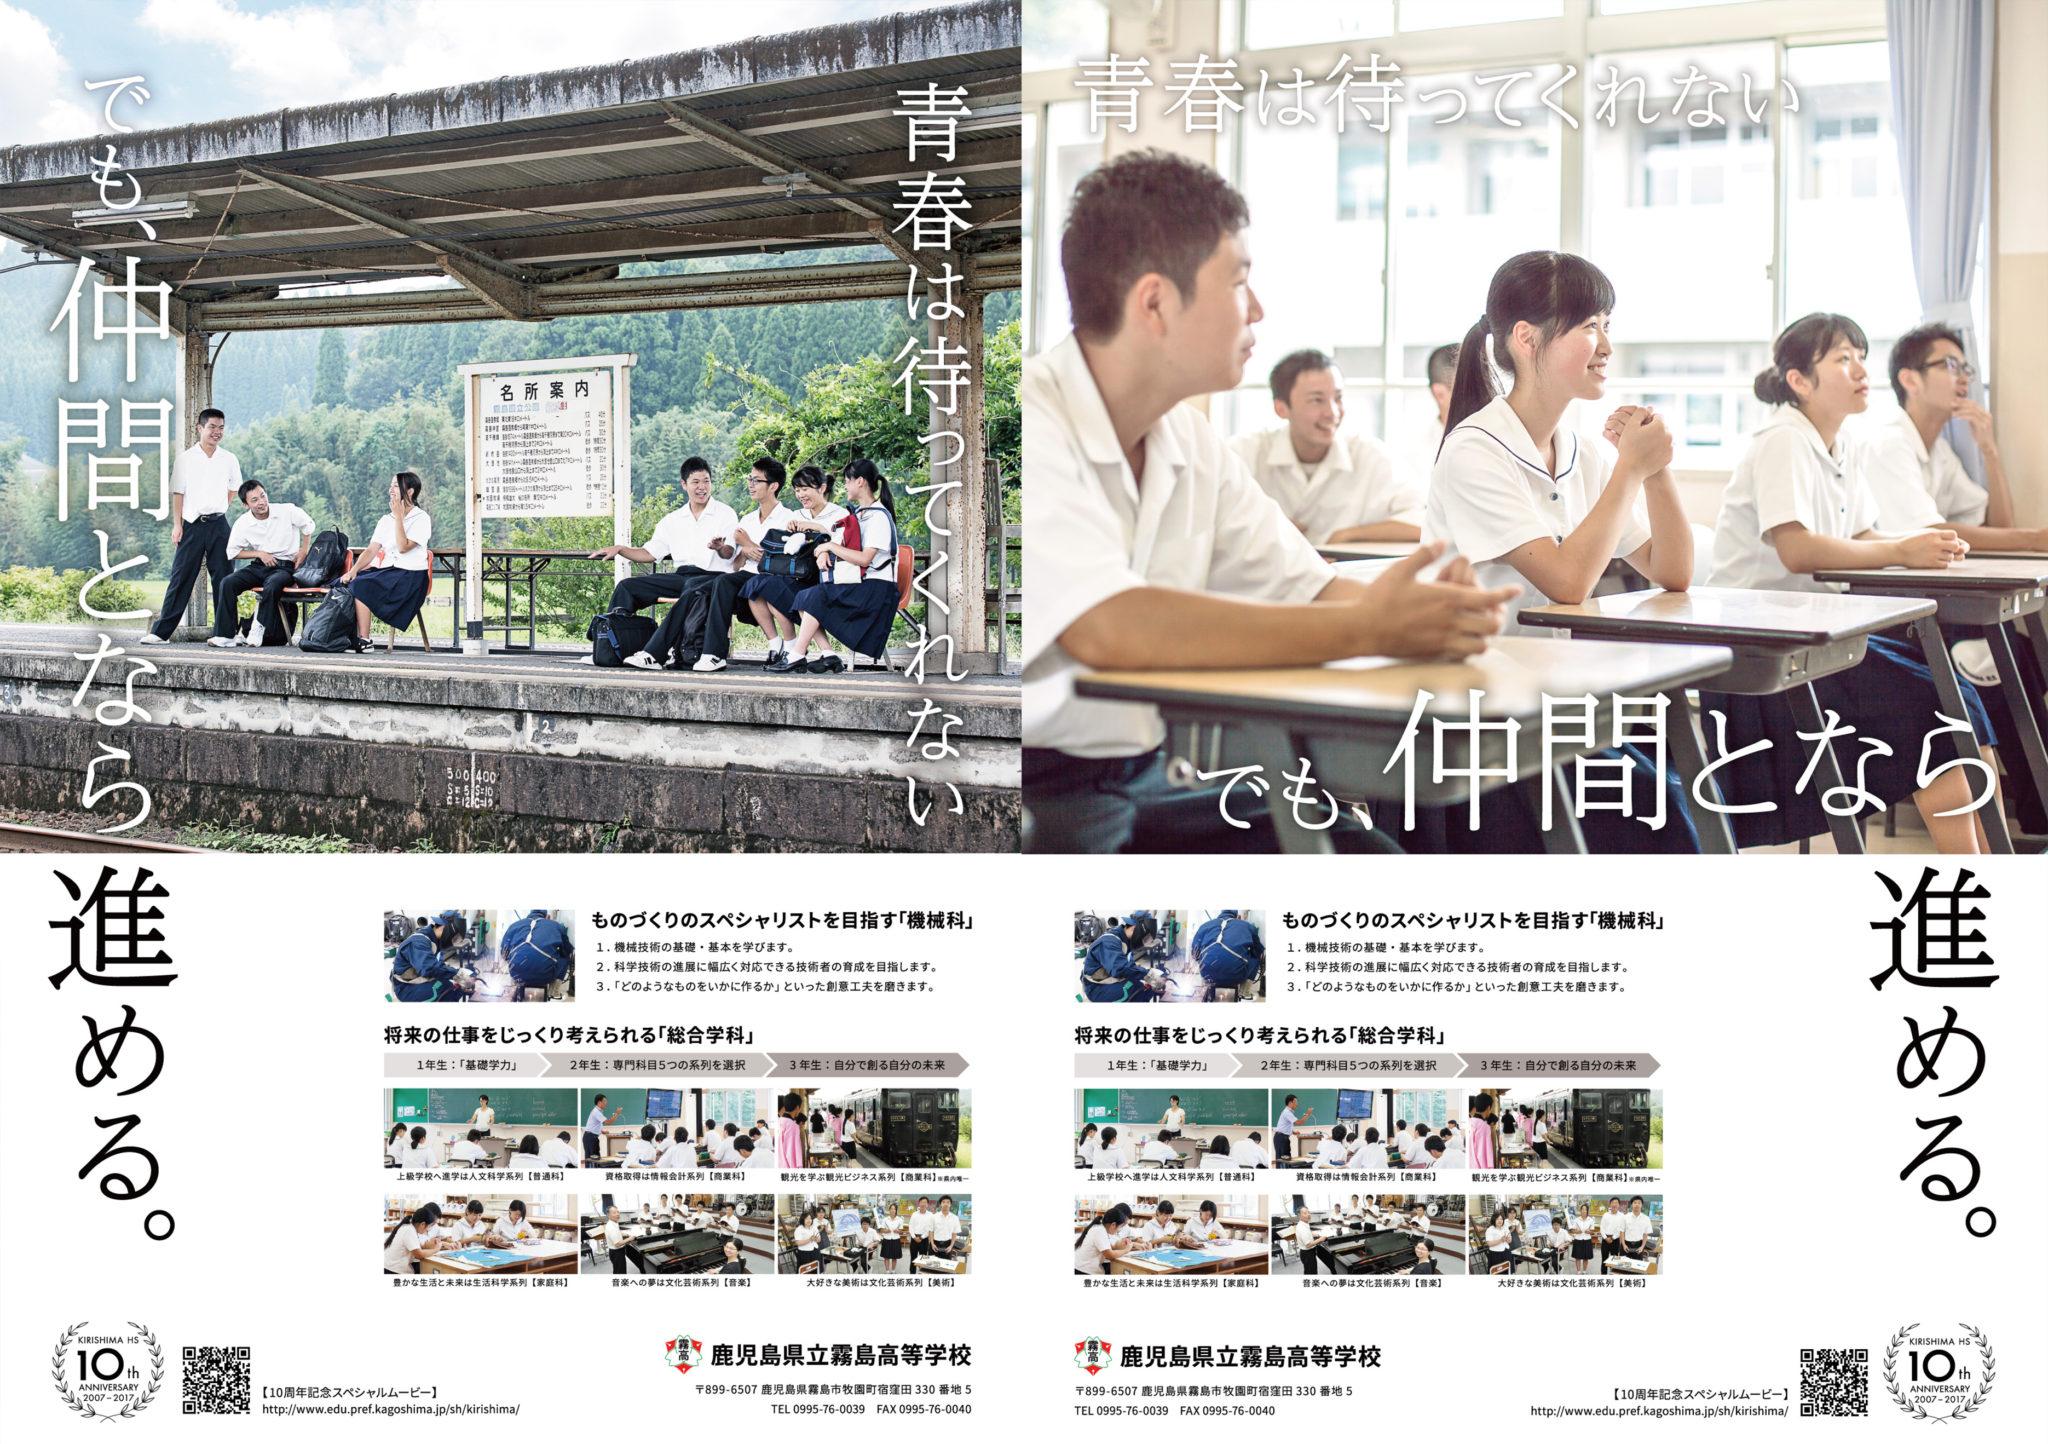 鹿児島県立 霧島高等学校 10周年記念ポスター